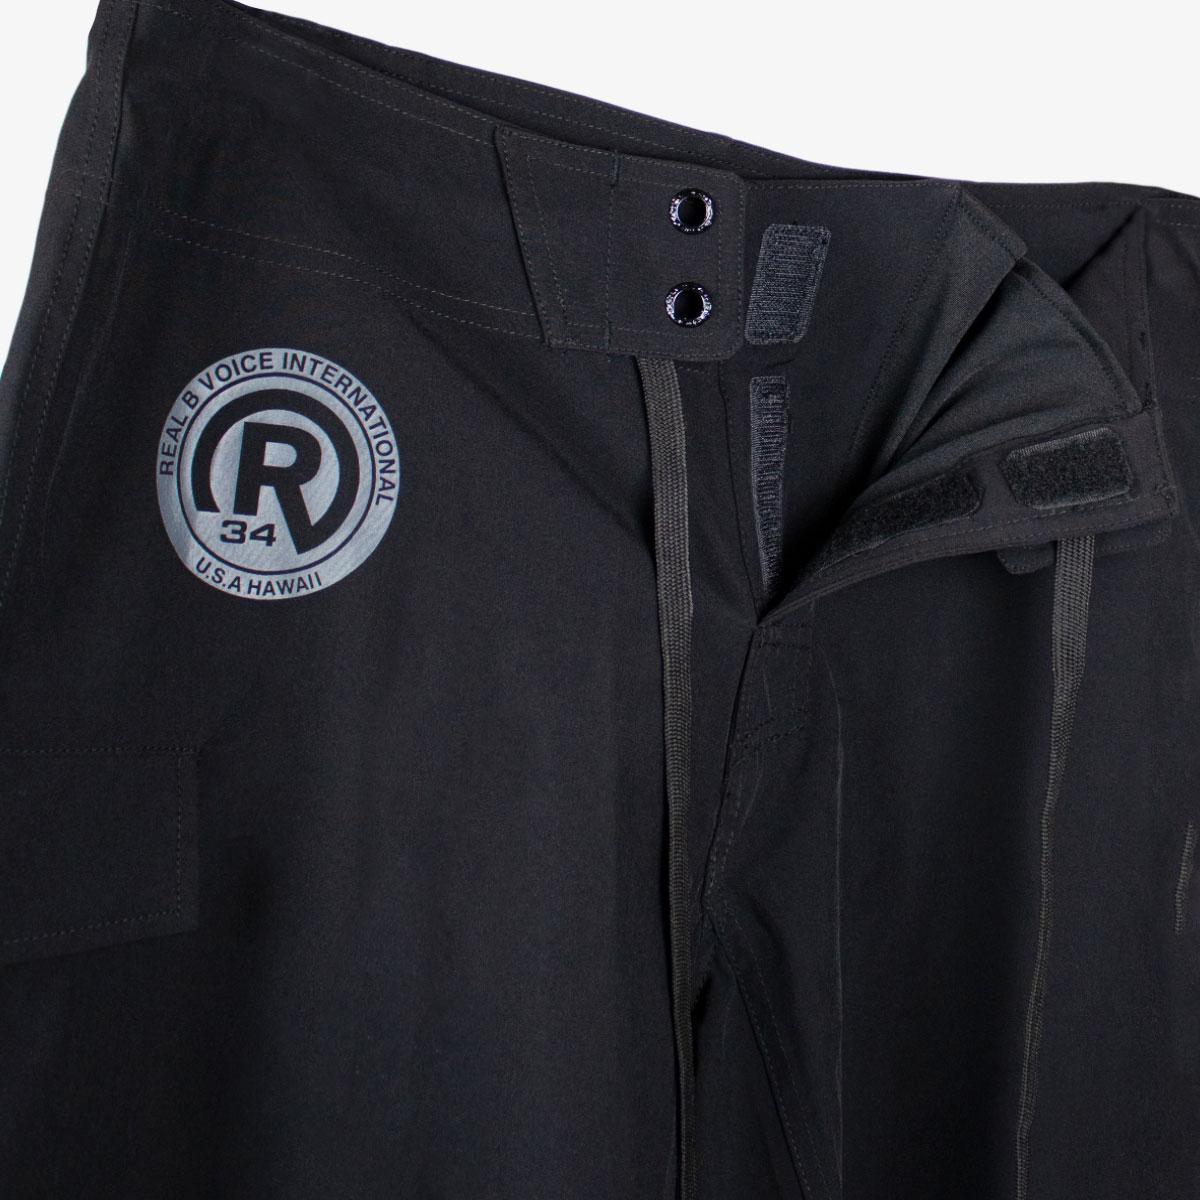 R34 WW STRETCH DRY SHORTS